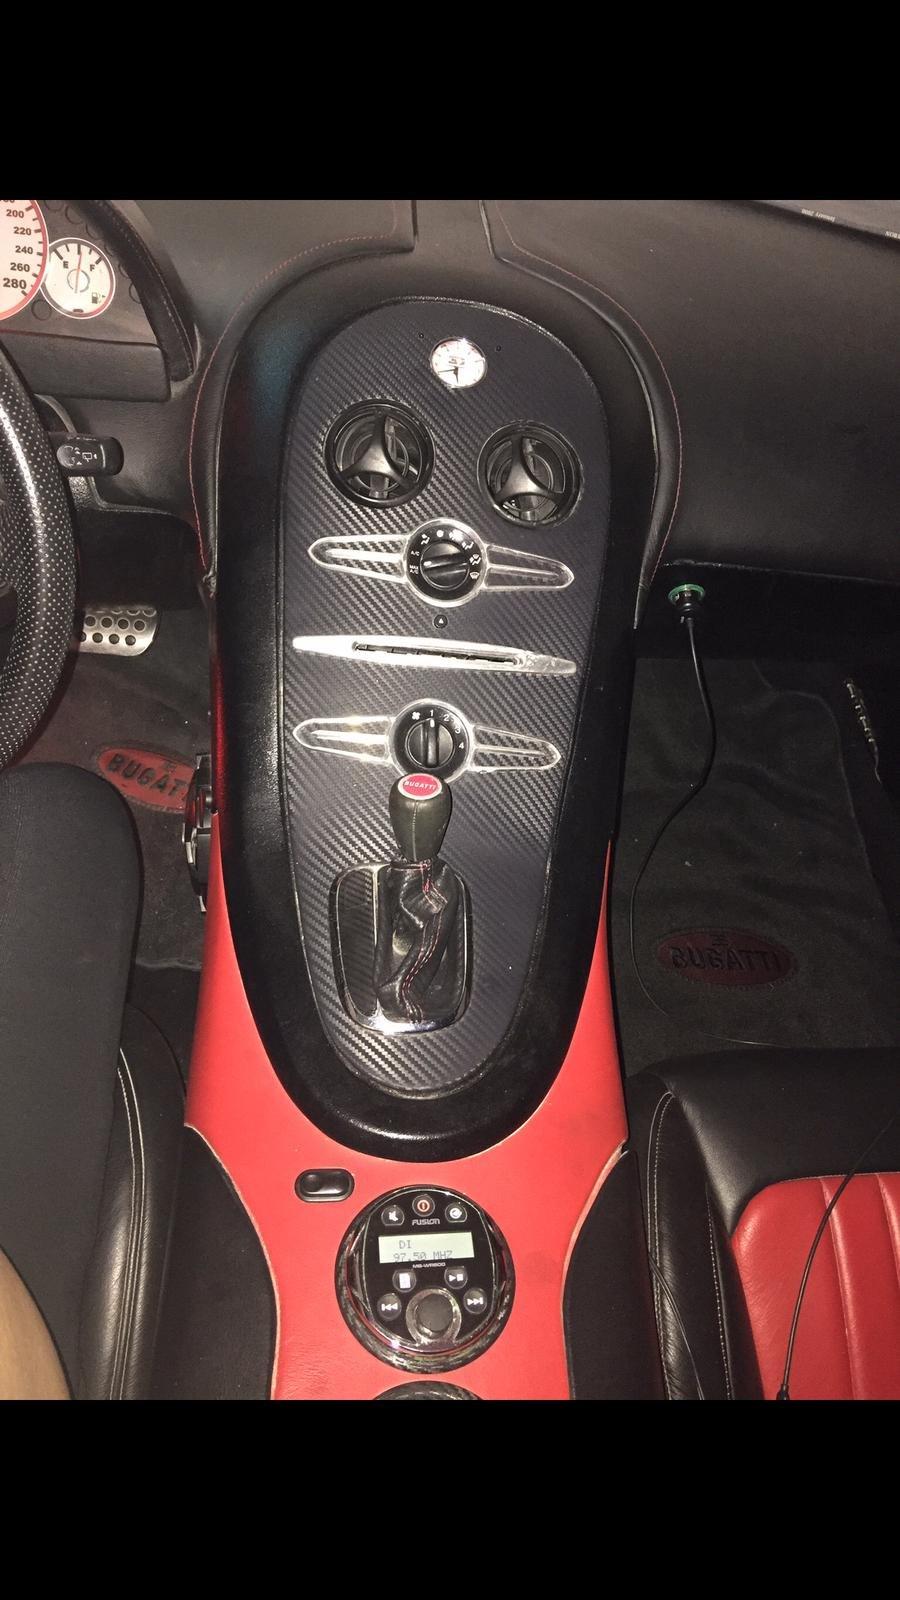 Replica americana de Bugatti Veyron